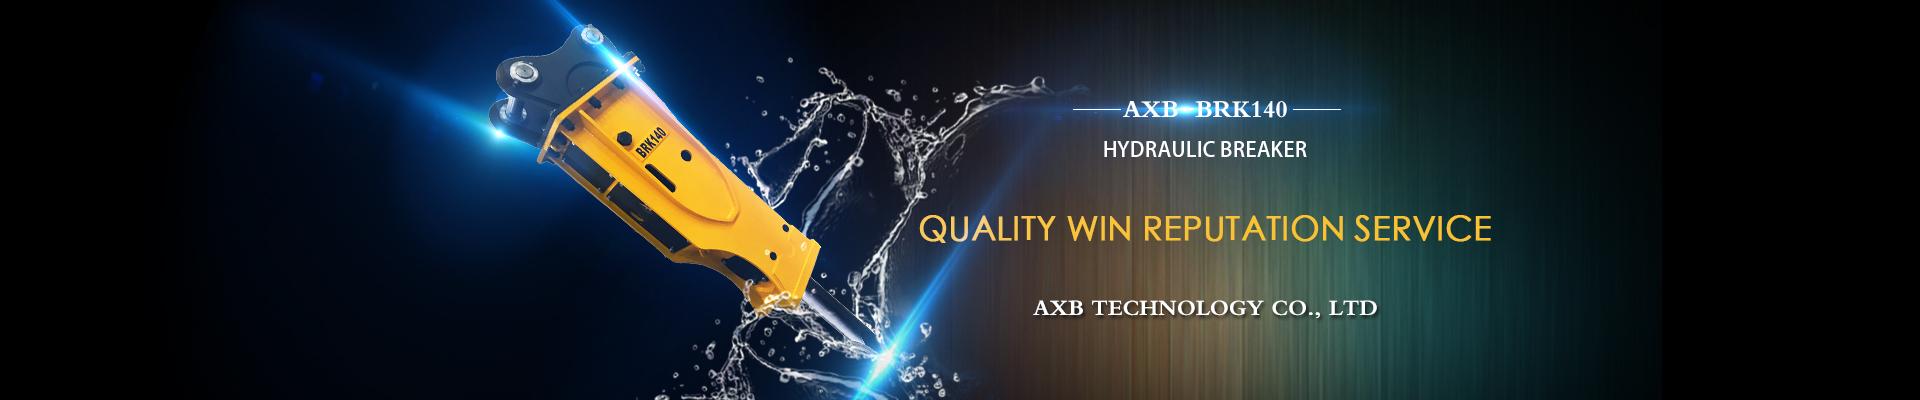 AXB banner